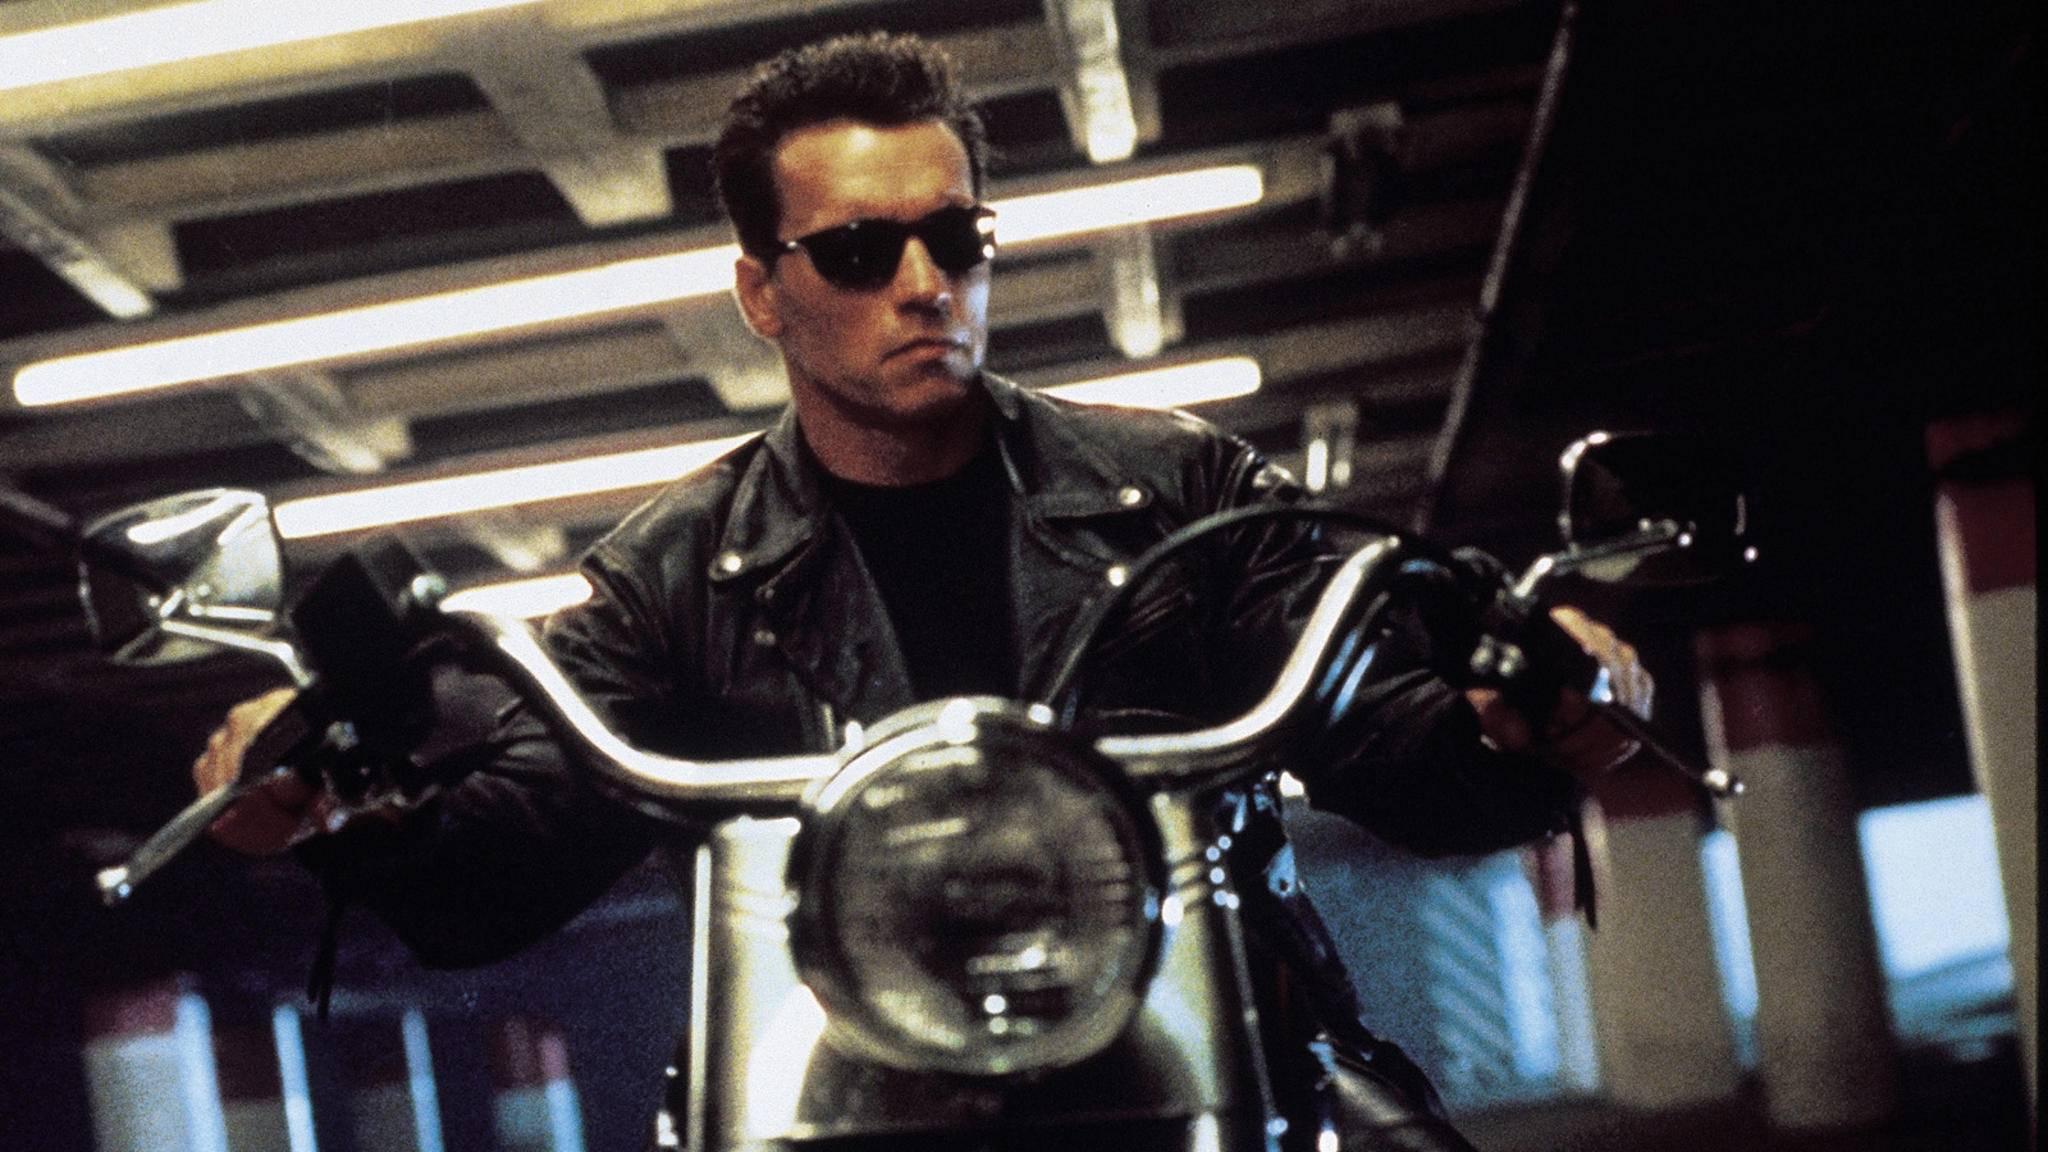 Niemand anderes könnte den wortkargen Cyborg wohl so gut spielen wie Arnold Schwarzenegger.